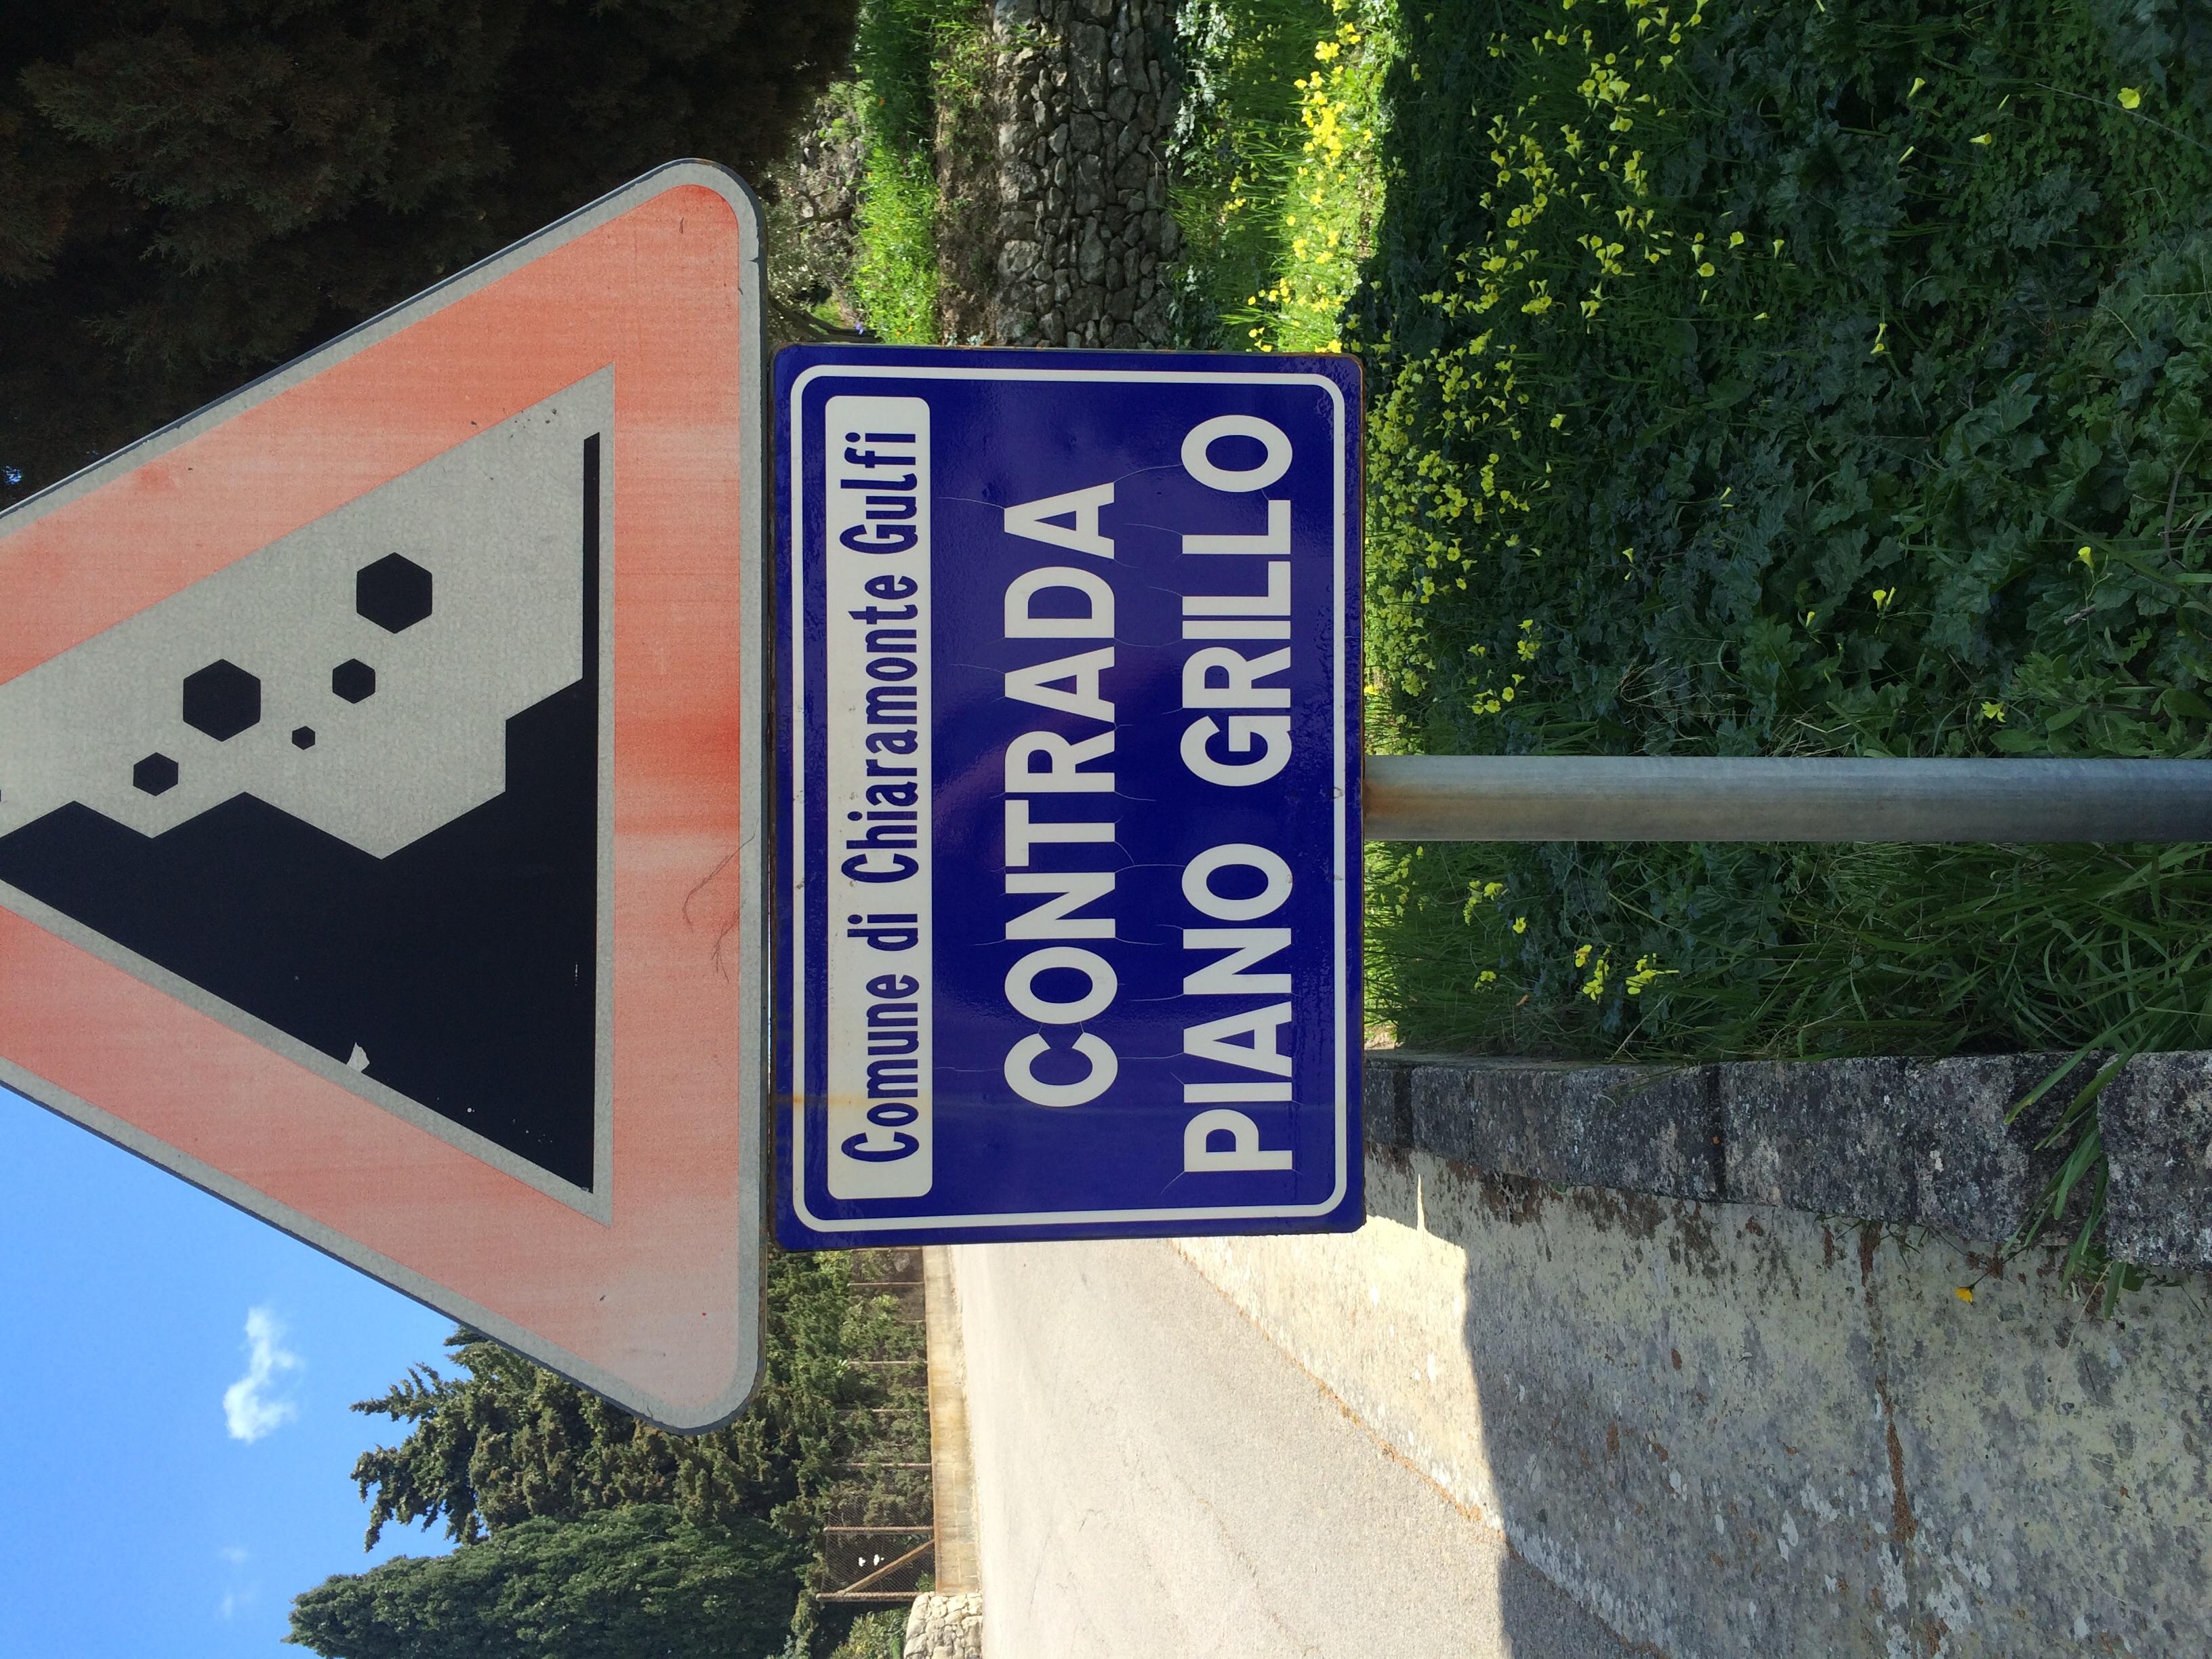 proper street signs? che cos'è?!